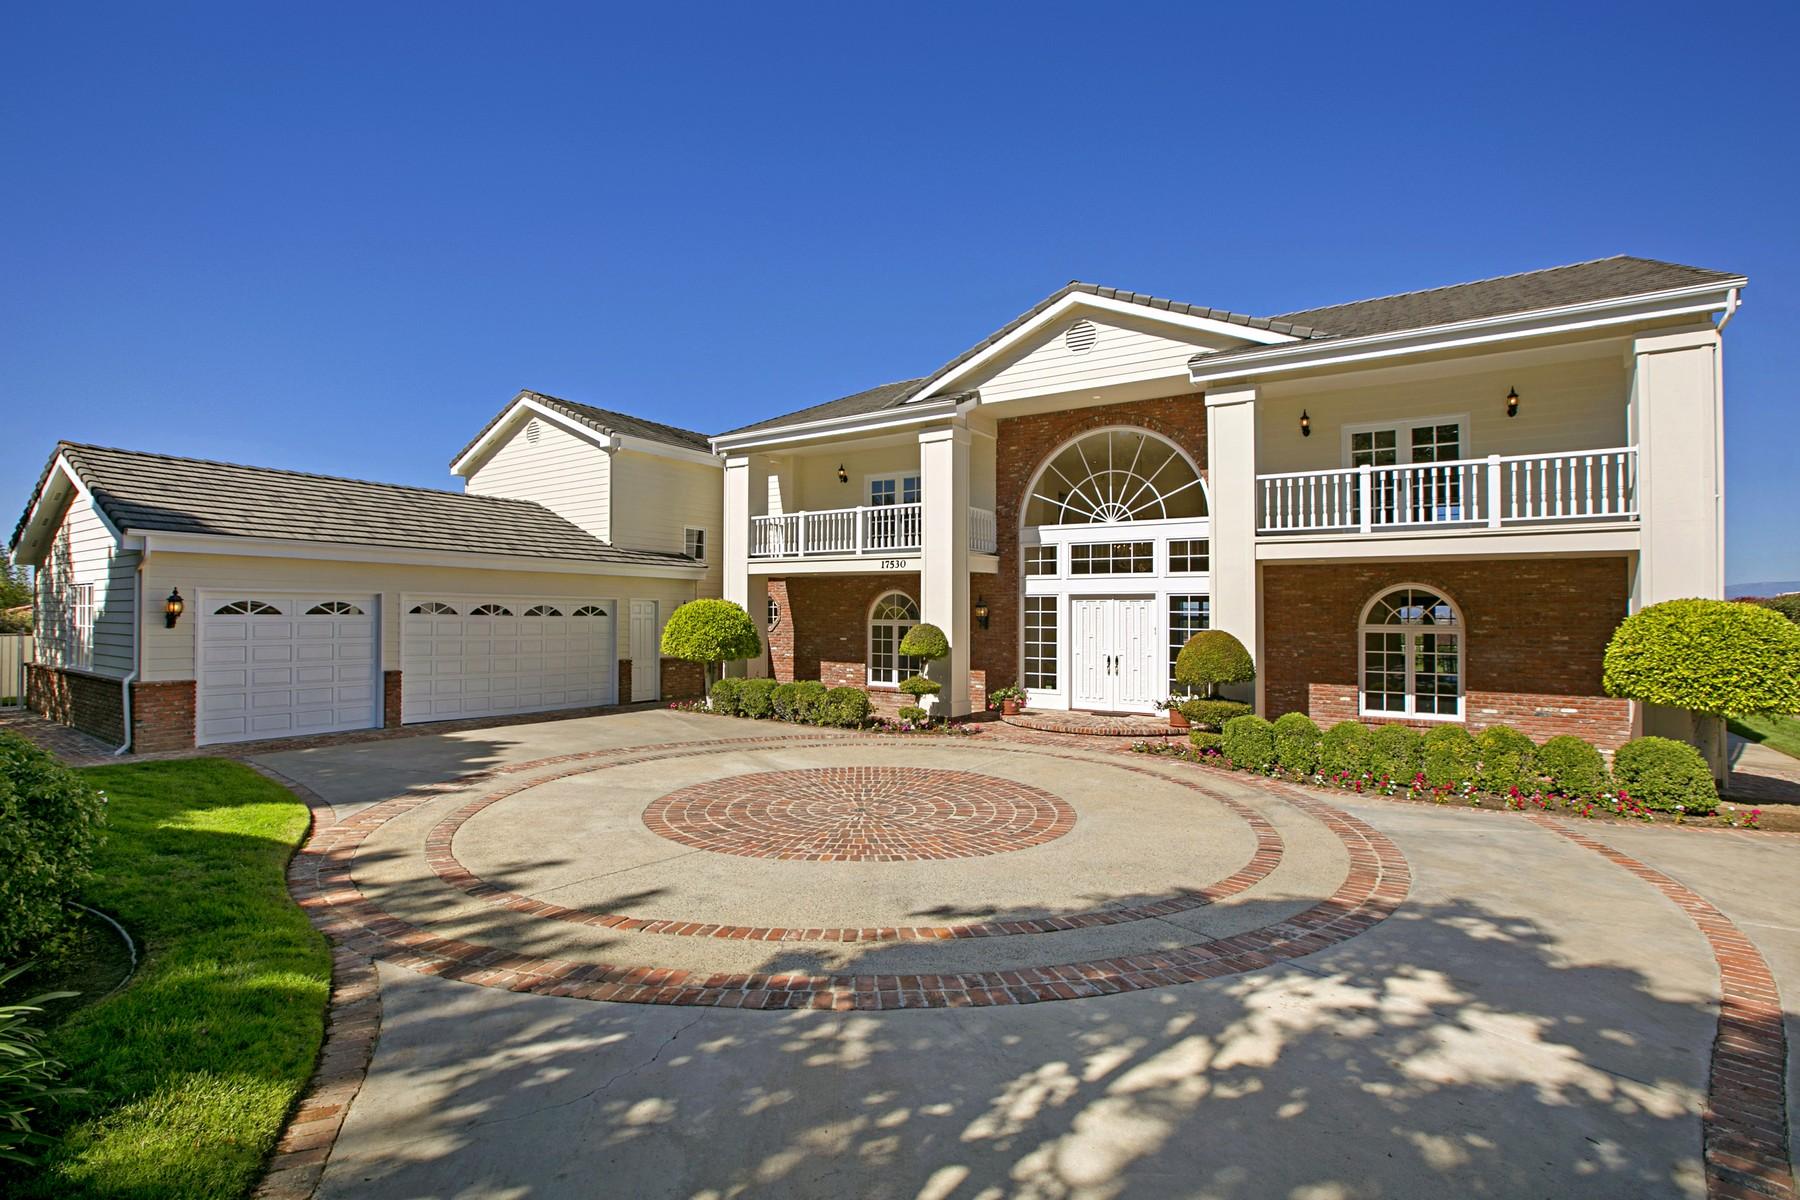 Villa per Vendita alle ore 17530 Via Loma Drive Poway, California, 92064 Stati Uniti